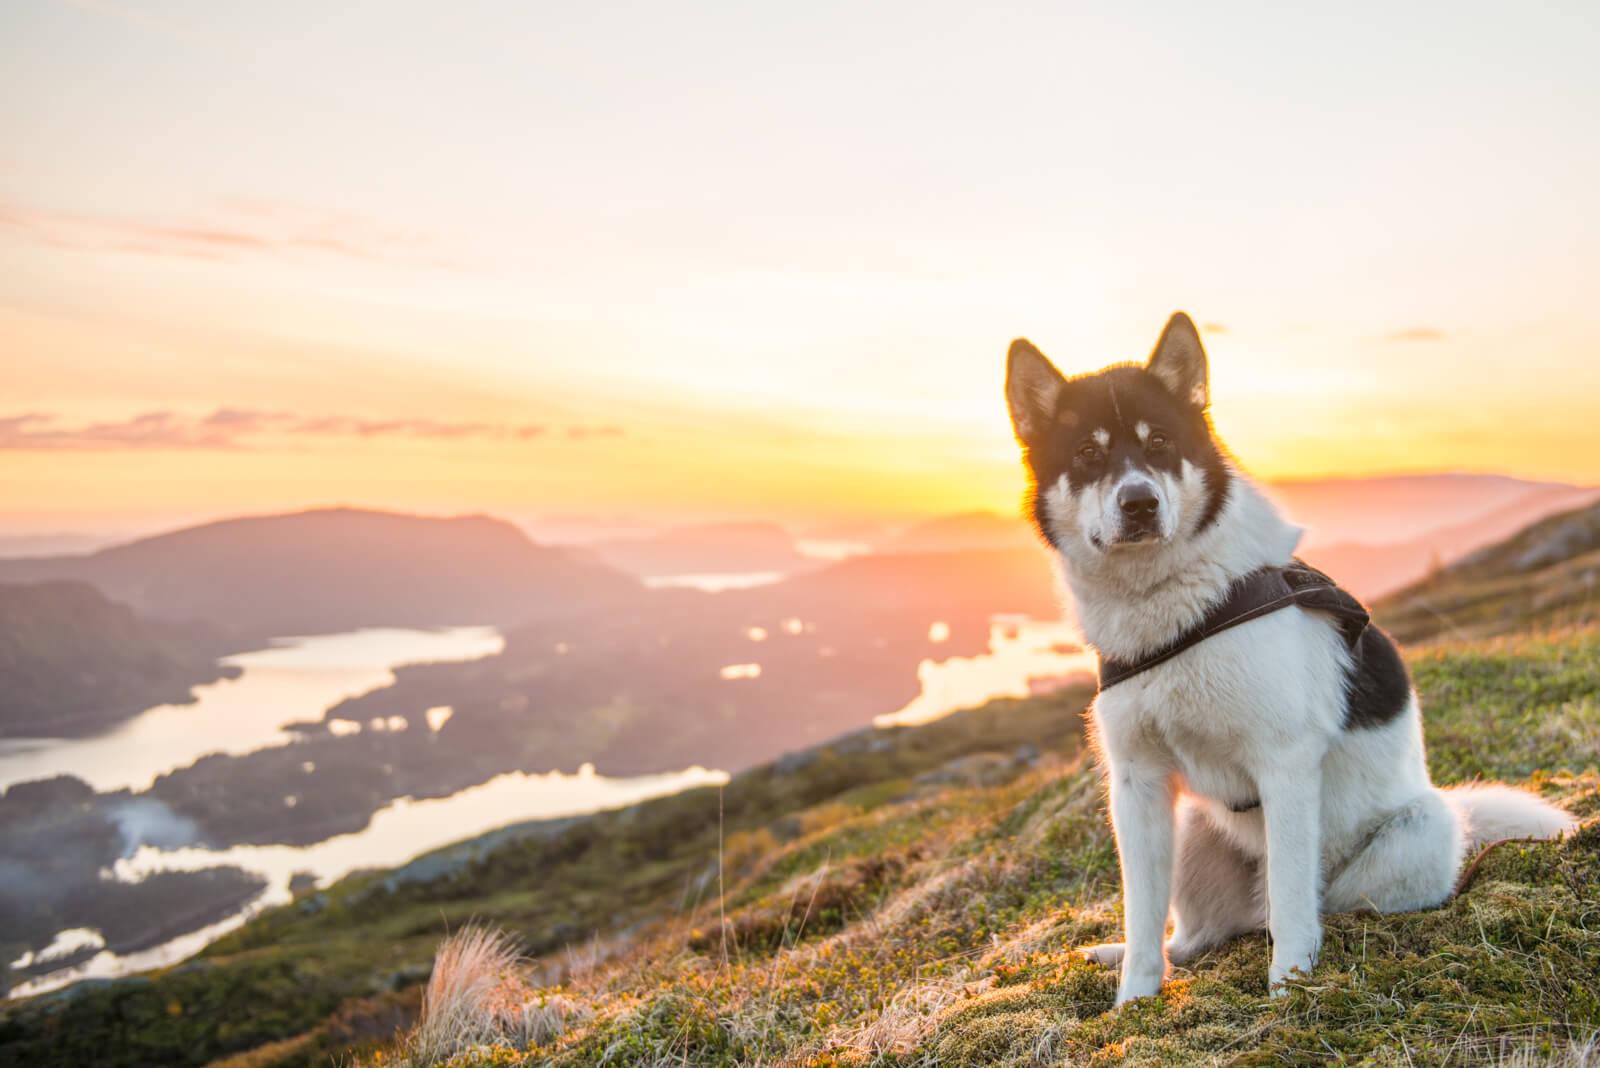 Akiak-the-adventure-dog-freeyork-13